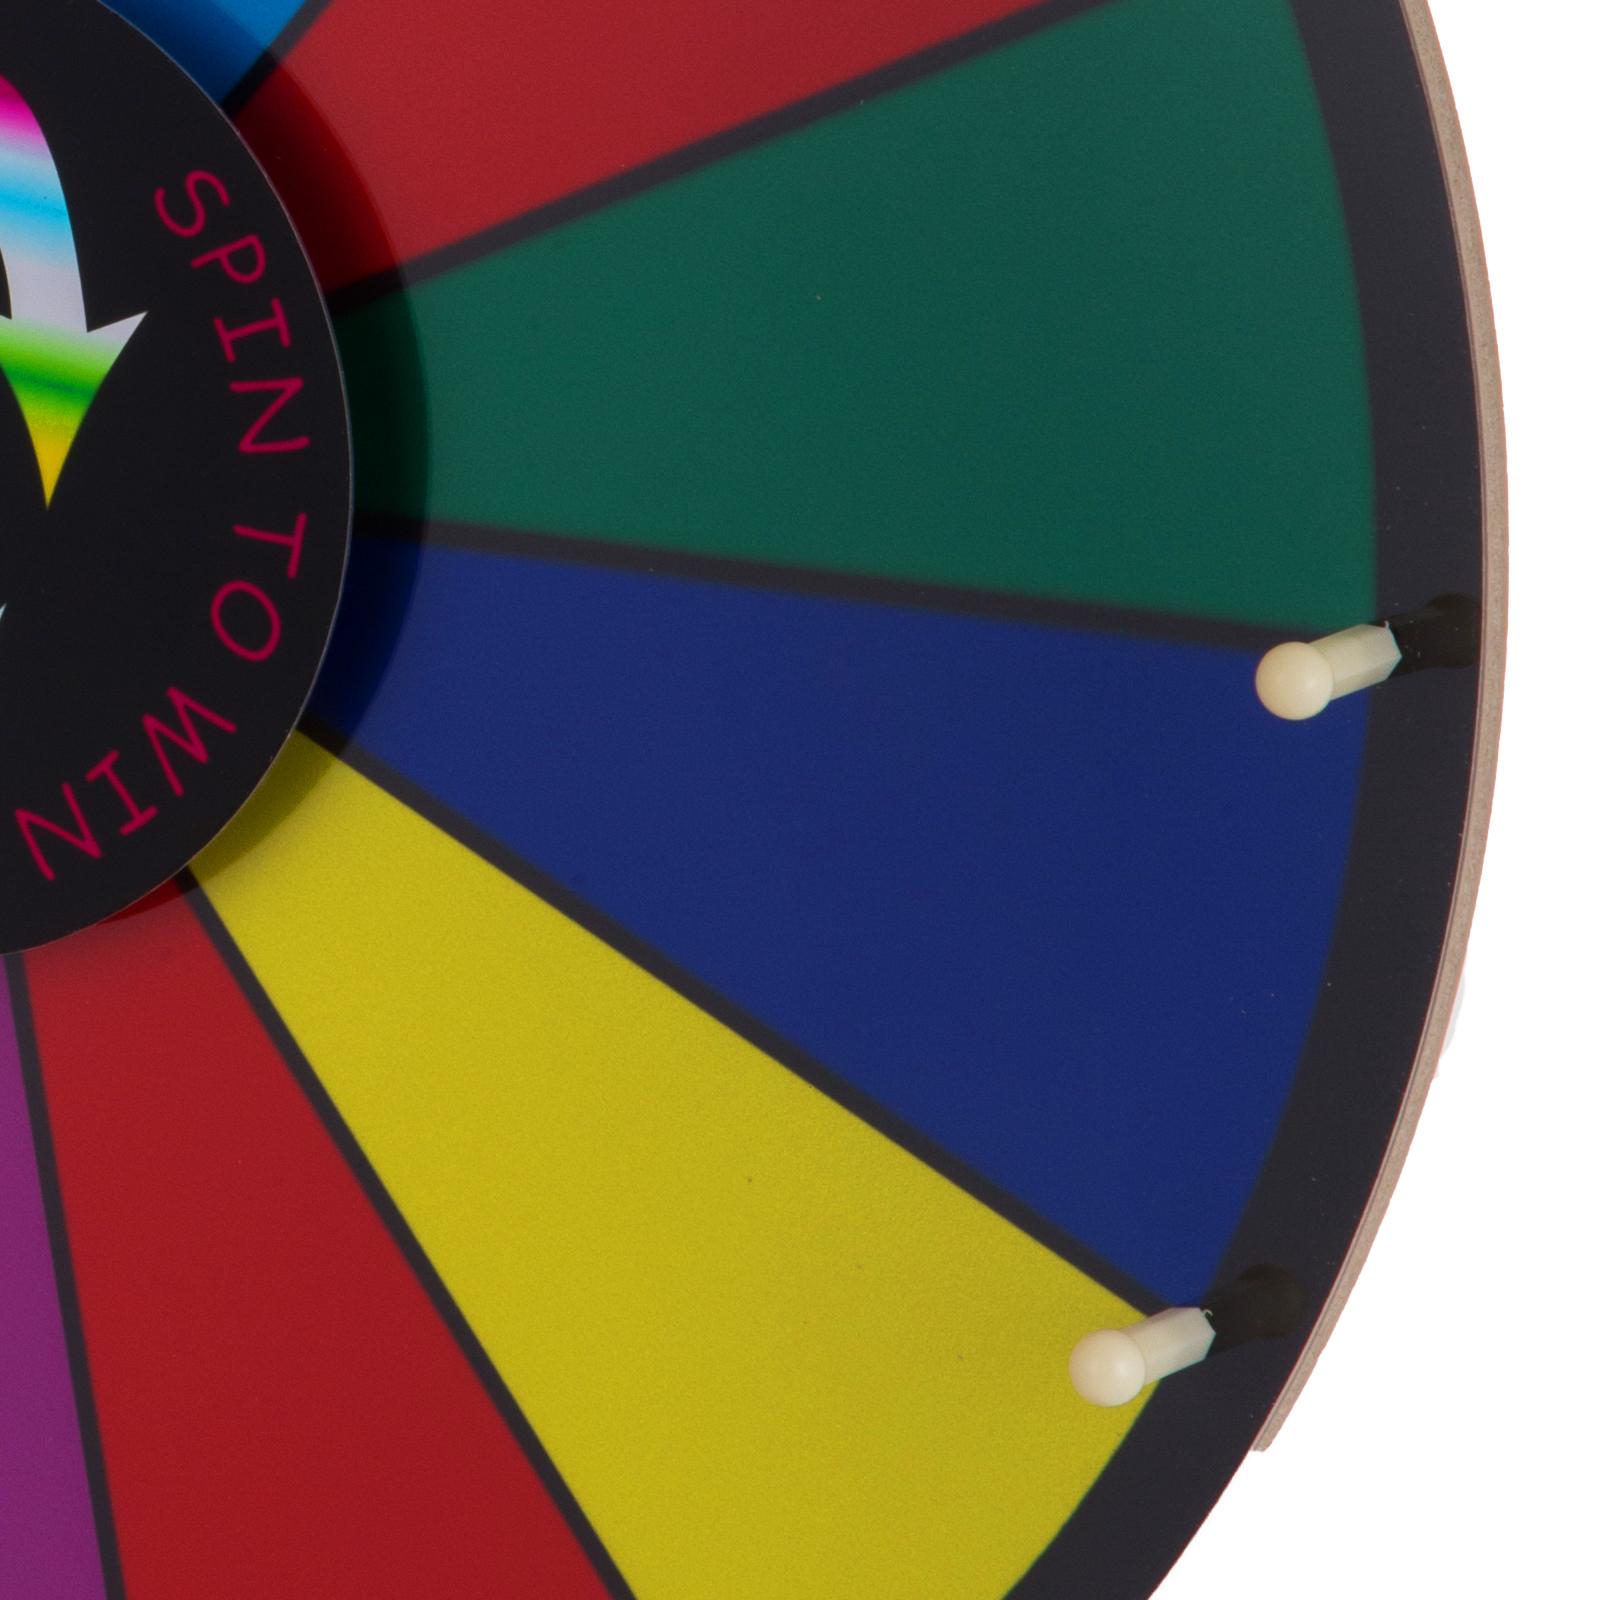 24-18-15-Ruota-Della-Fortuna-di-Colore-14-Slots-Gioco-Spin-Con-Supporto-Festa miniatura 59